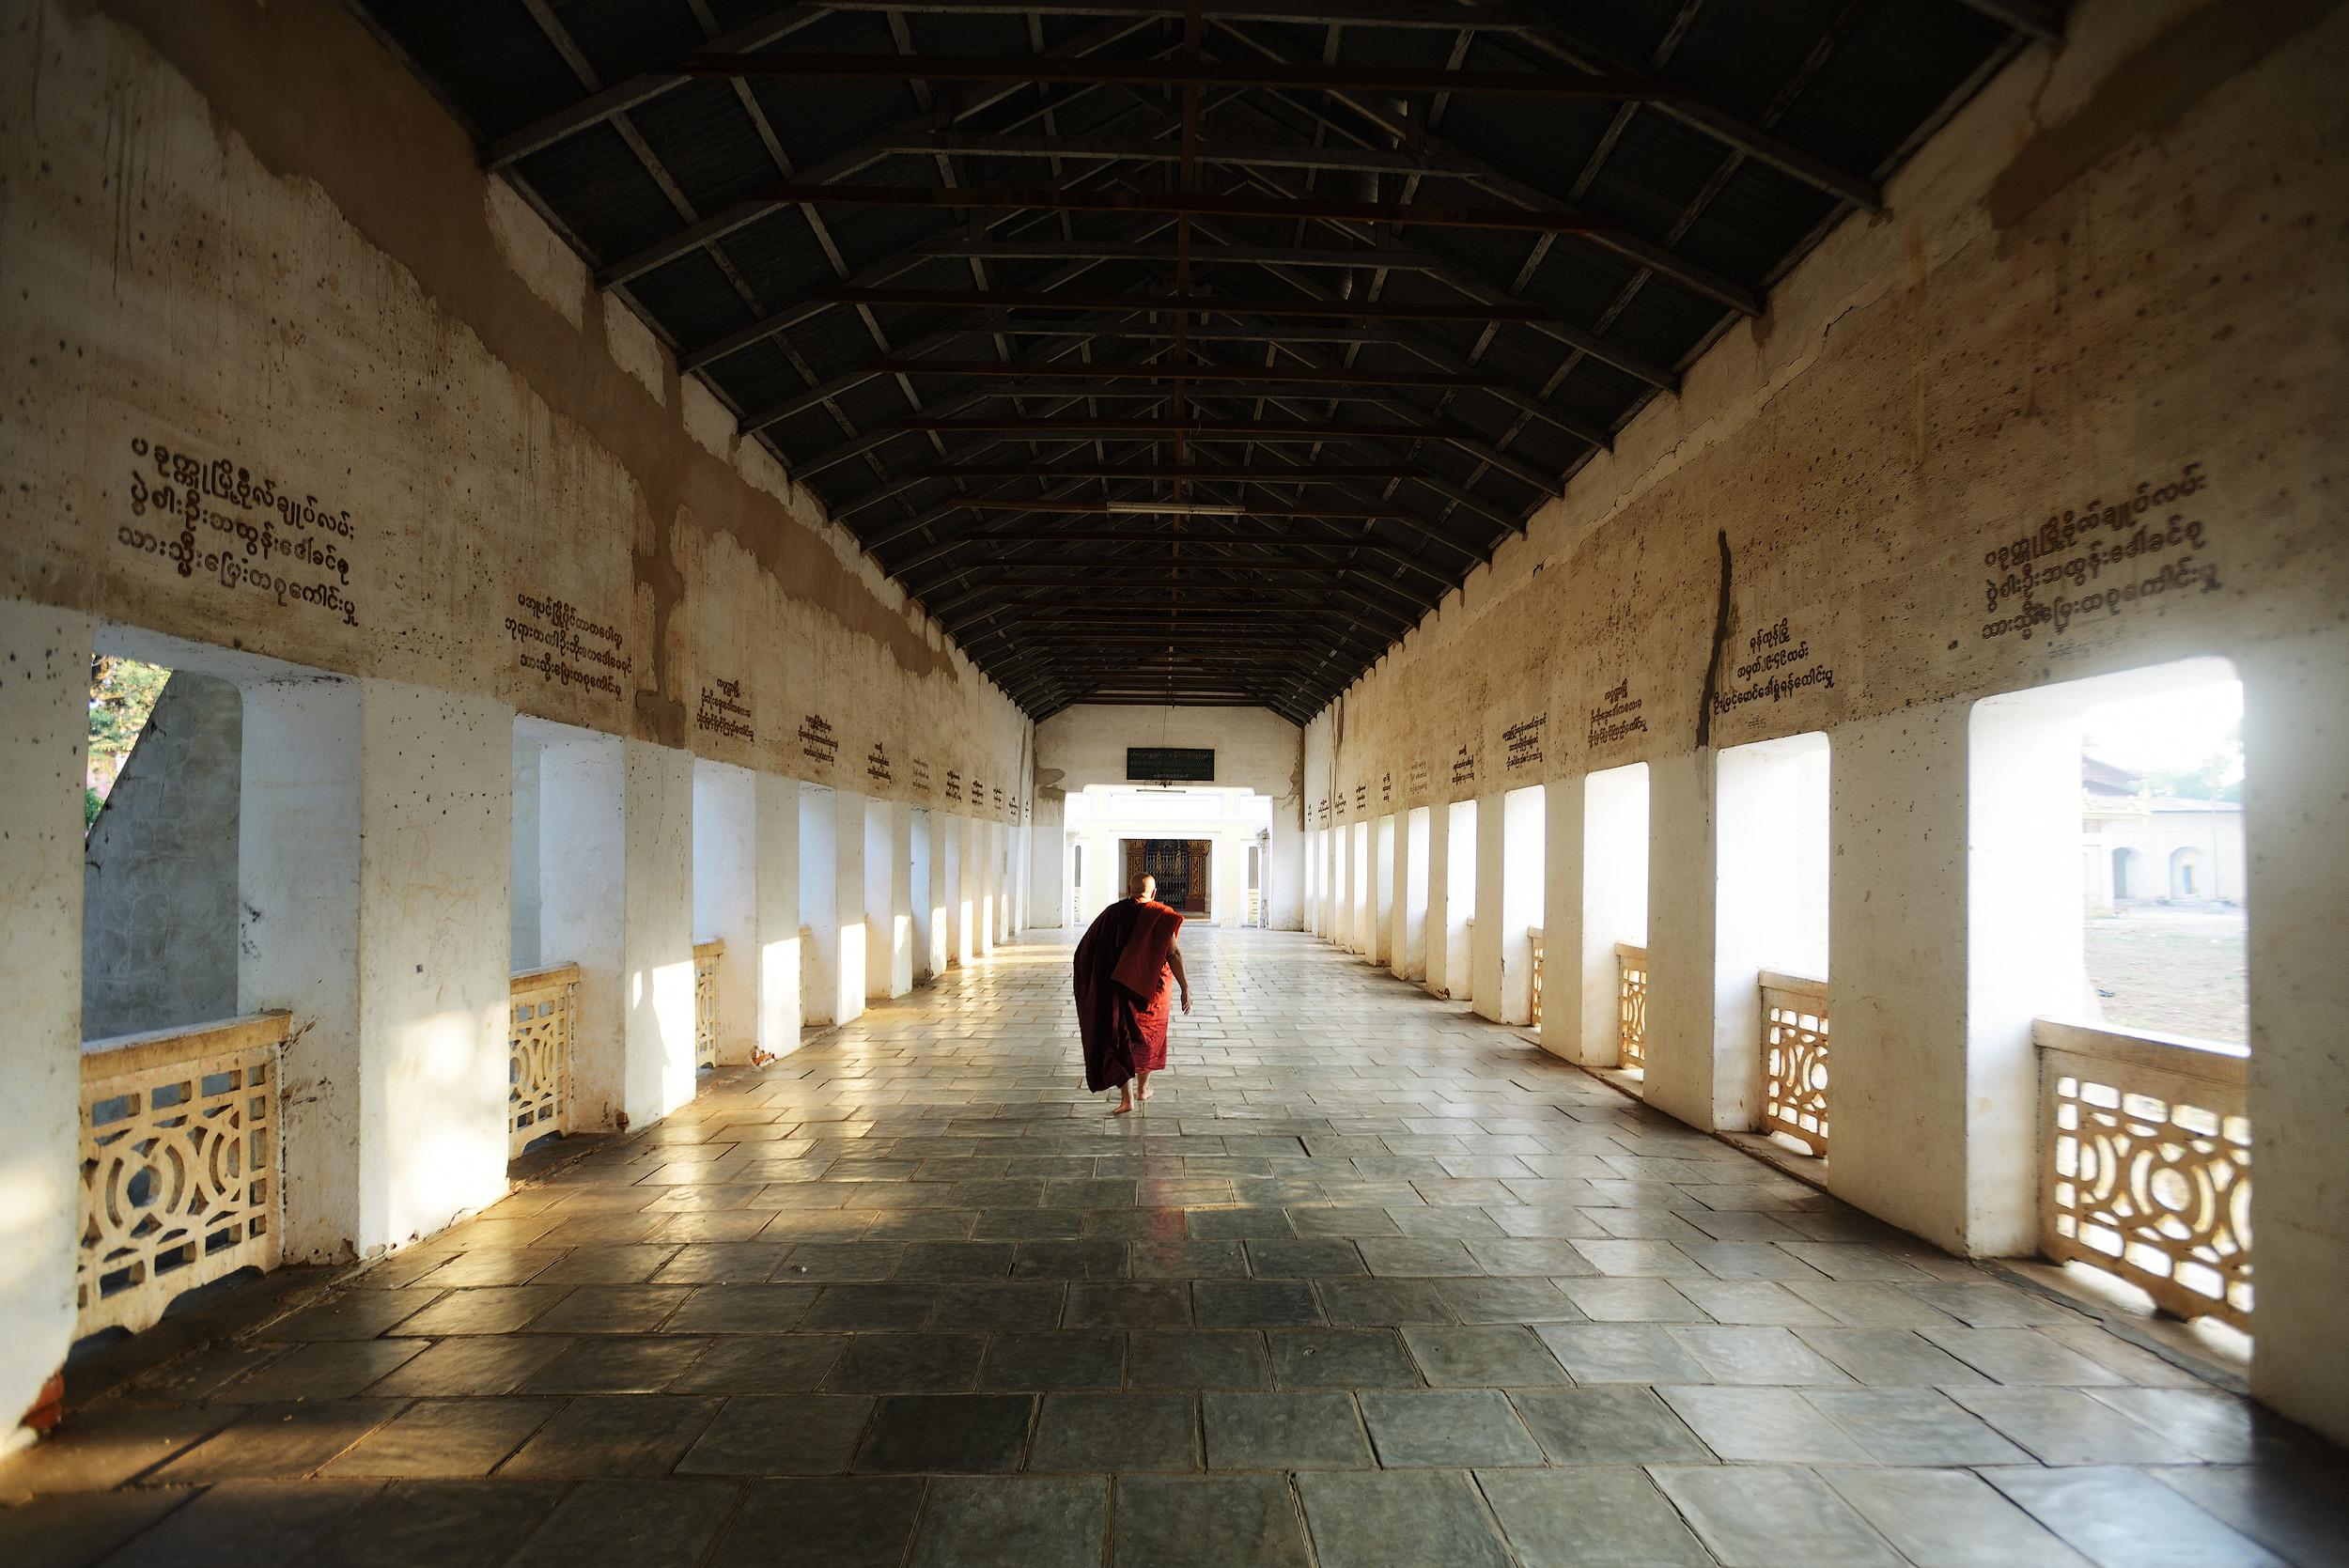 Shwezigon   A monk walks along the corridor at Shwezigon Pagoda, Bagan